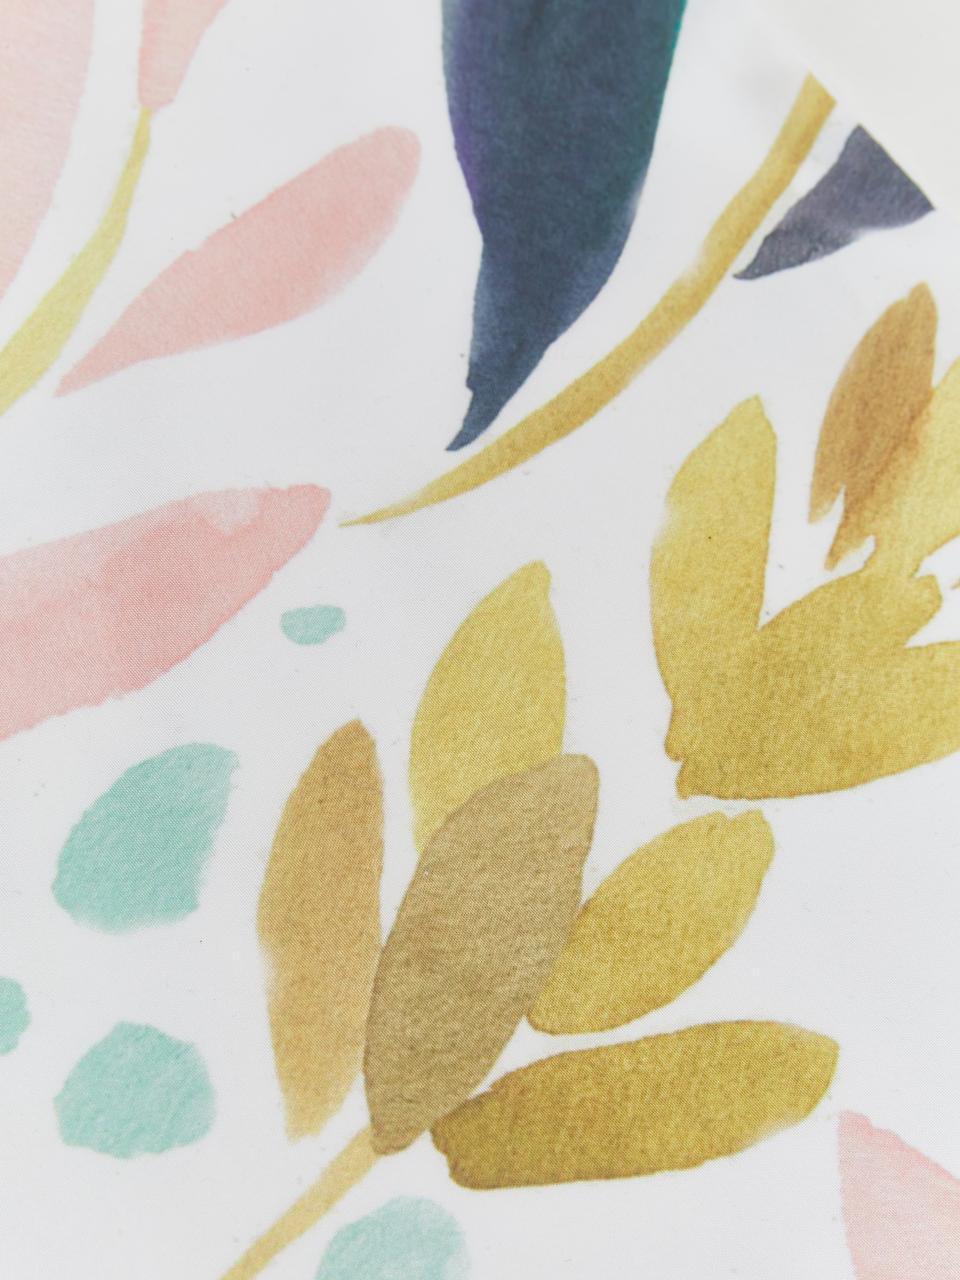 Federa arredo con stampa acquerello Agia, Poliestere, Bianco, blu scuro, azzurro, rosa, giallo senape, Larg. 40 x Lung. 40 cm